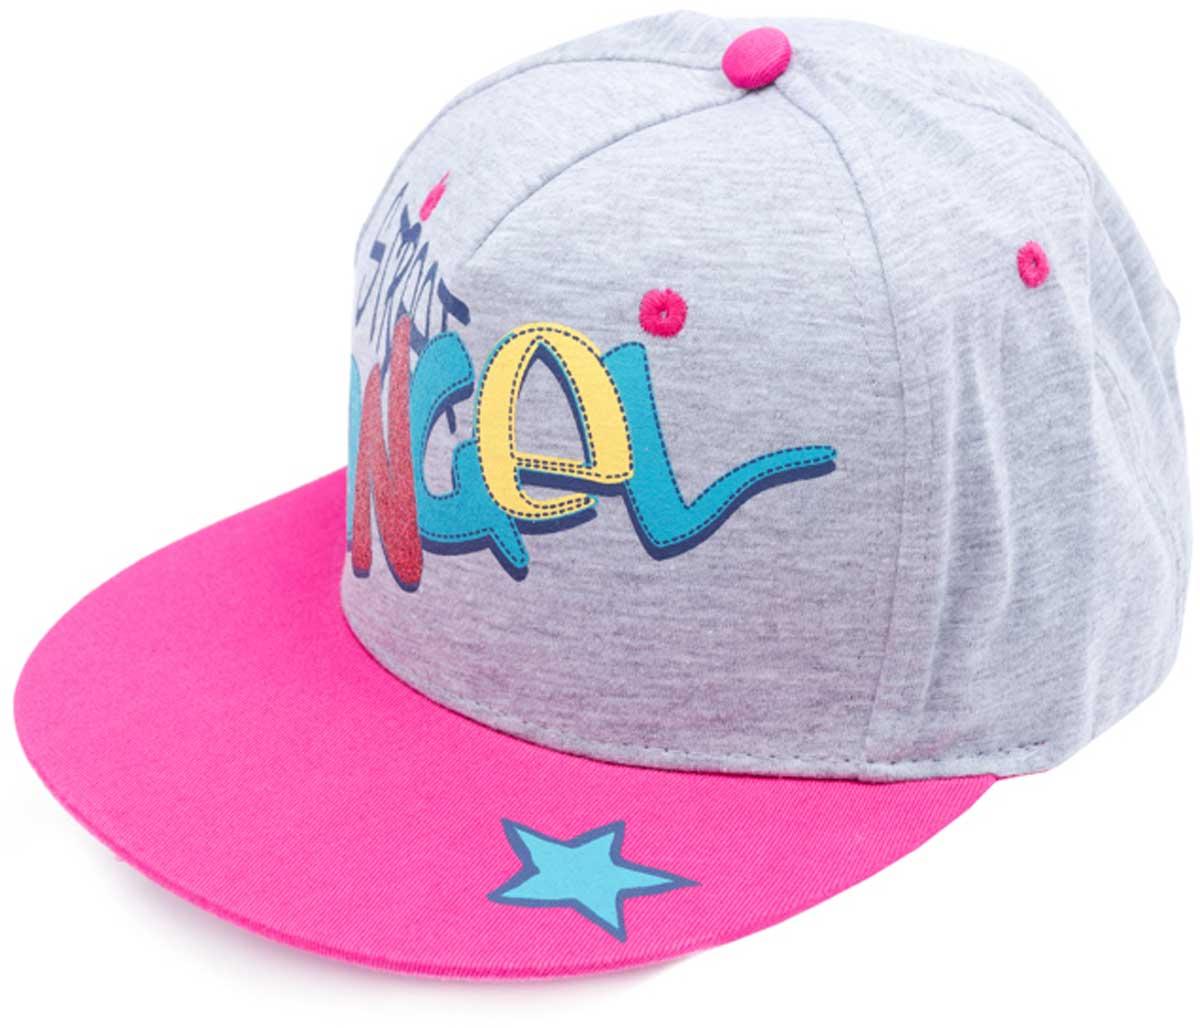 Бейсболка детская179016Модная кепка - бейсболка из натурального хлопка и полиэстера понравится вашему ребенку. Модель с эффектной аппликацией.